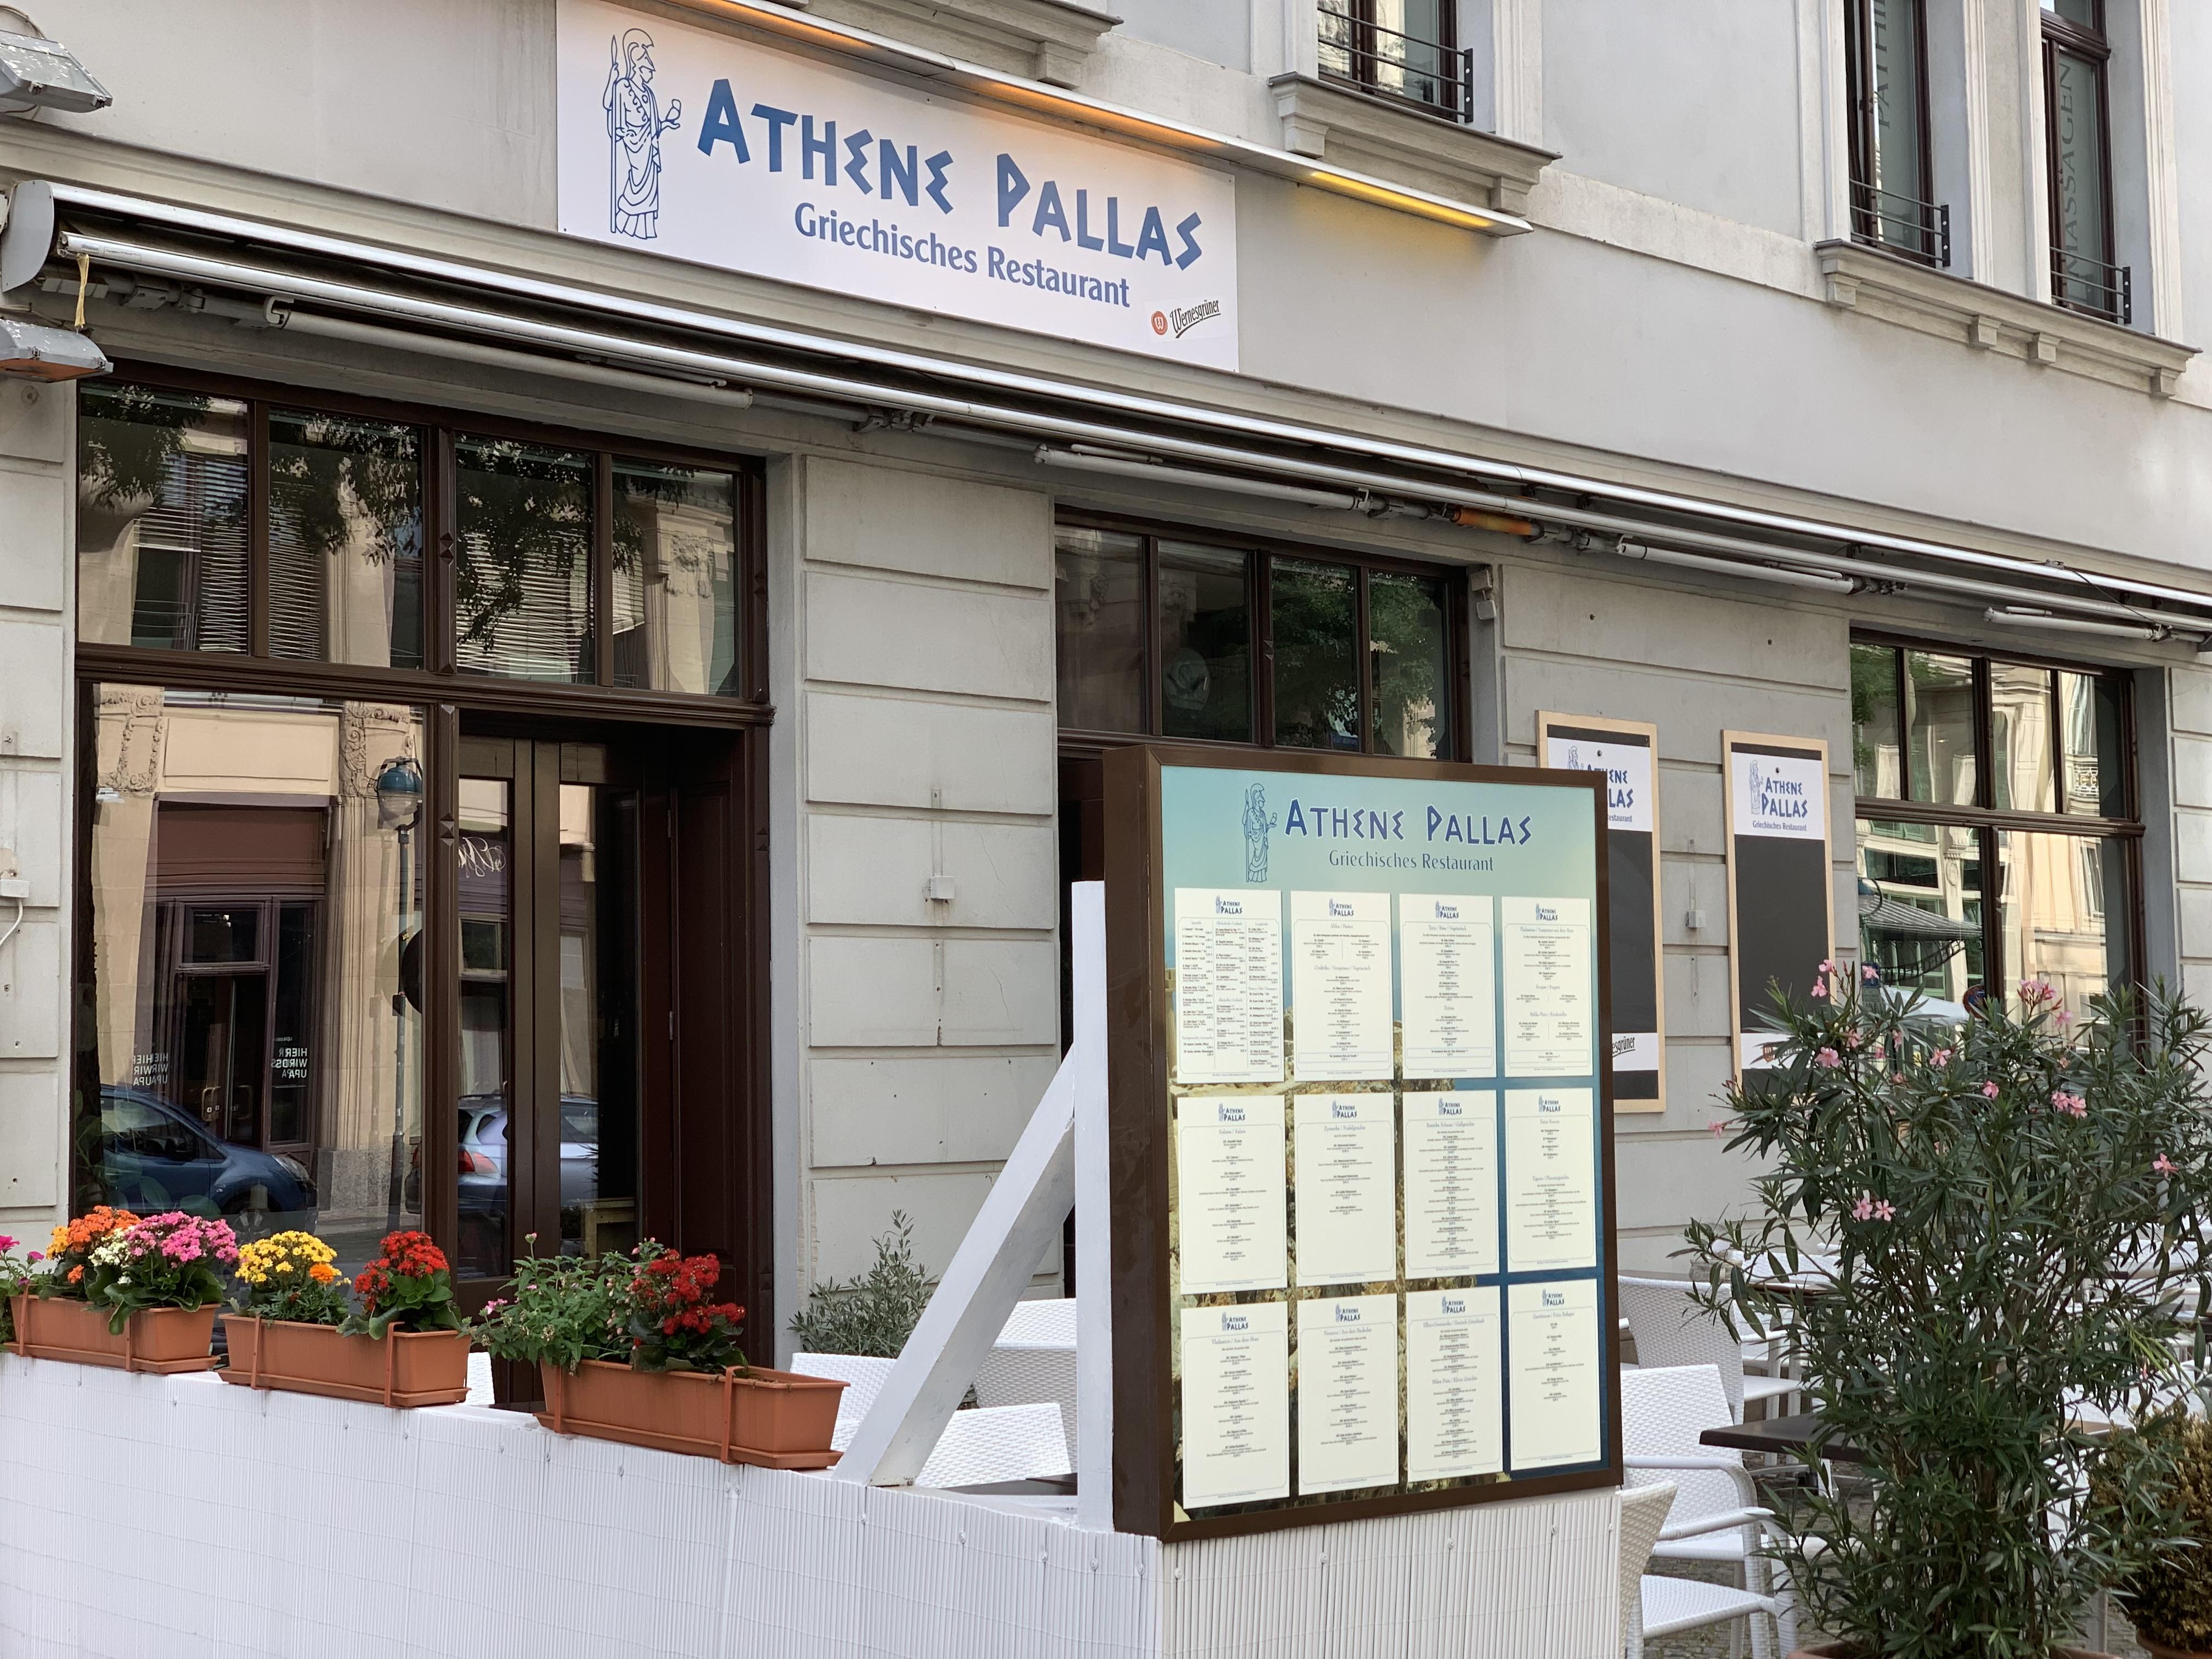 Athene Pallas Leipzig